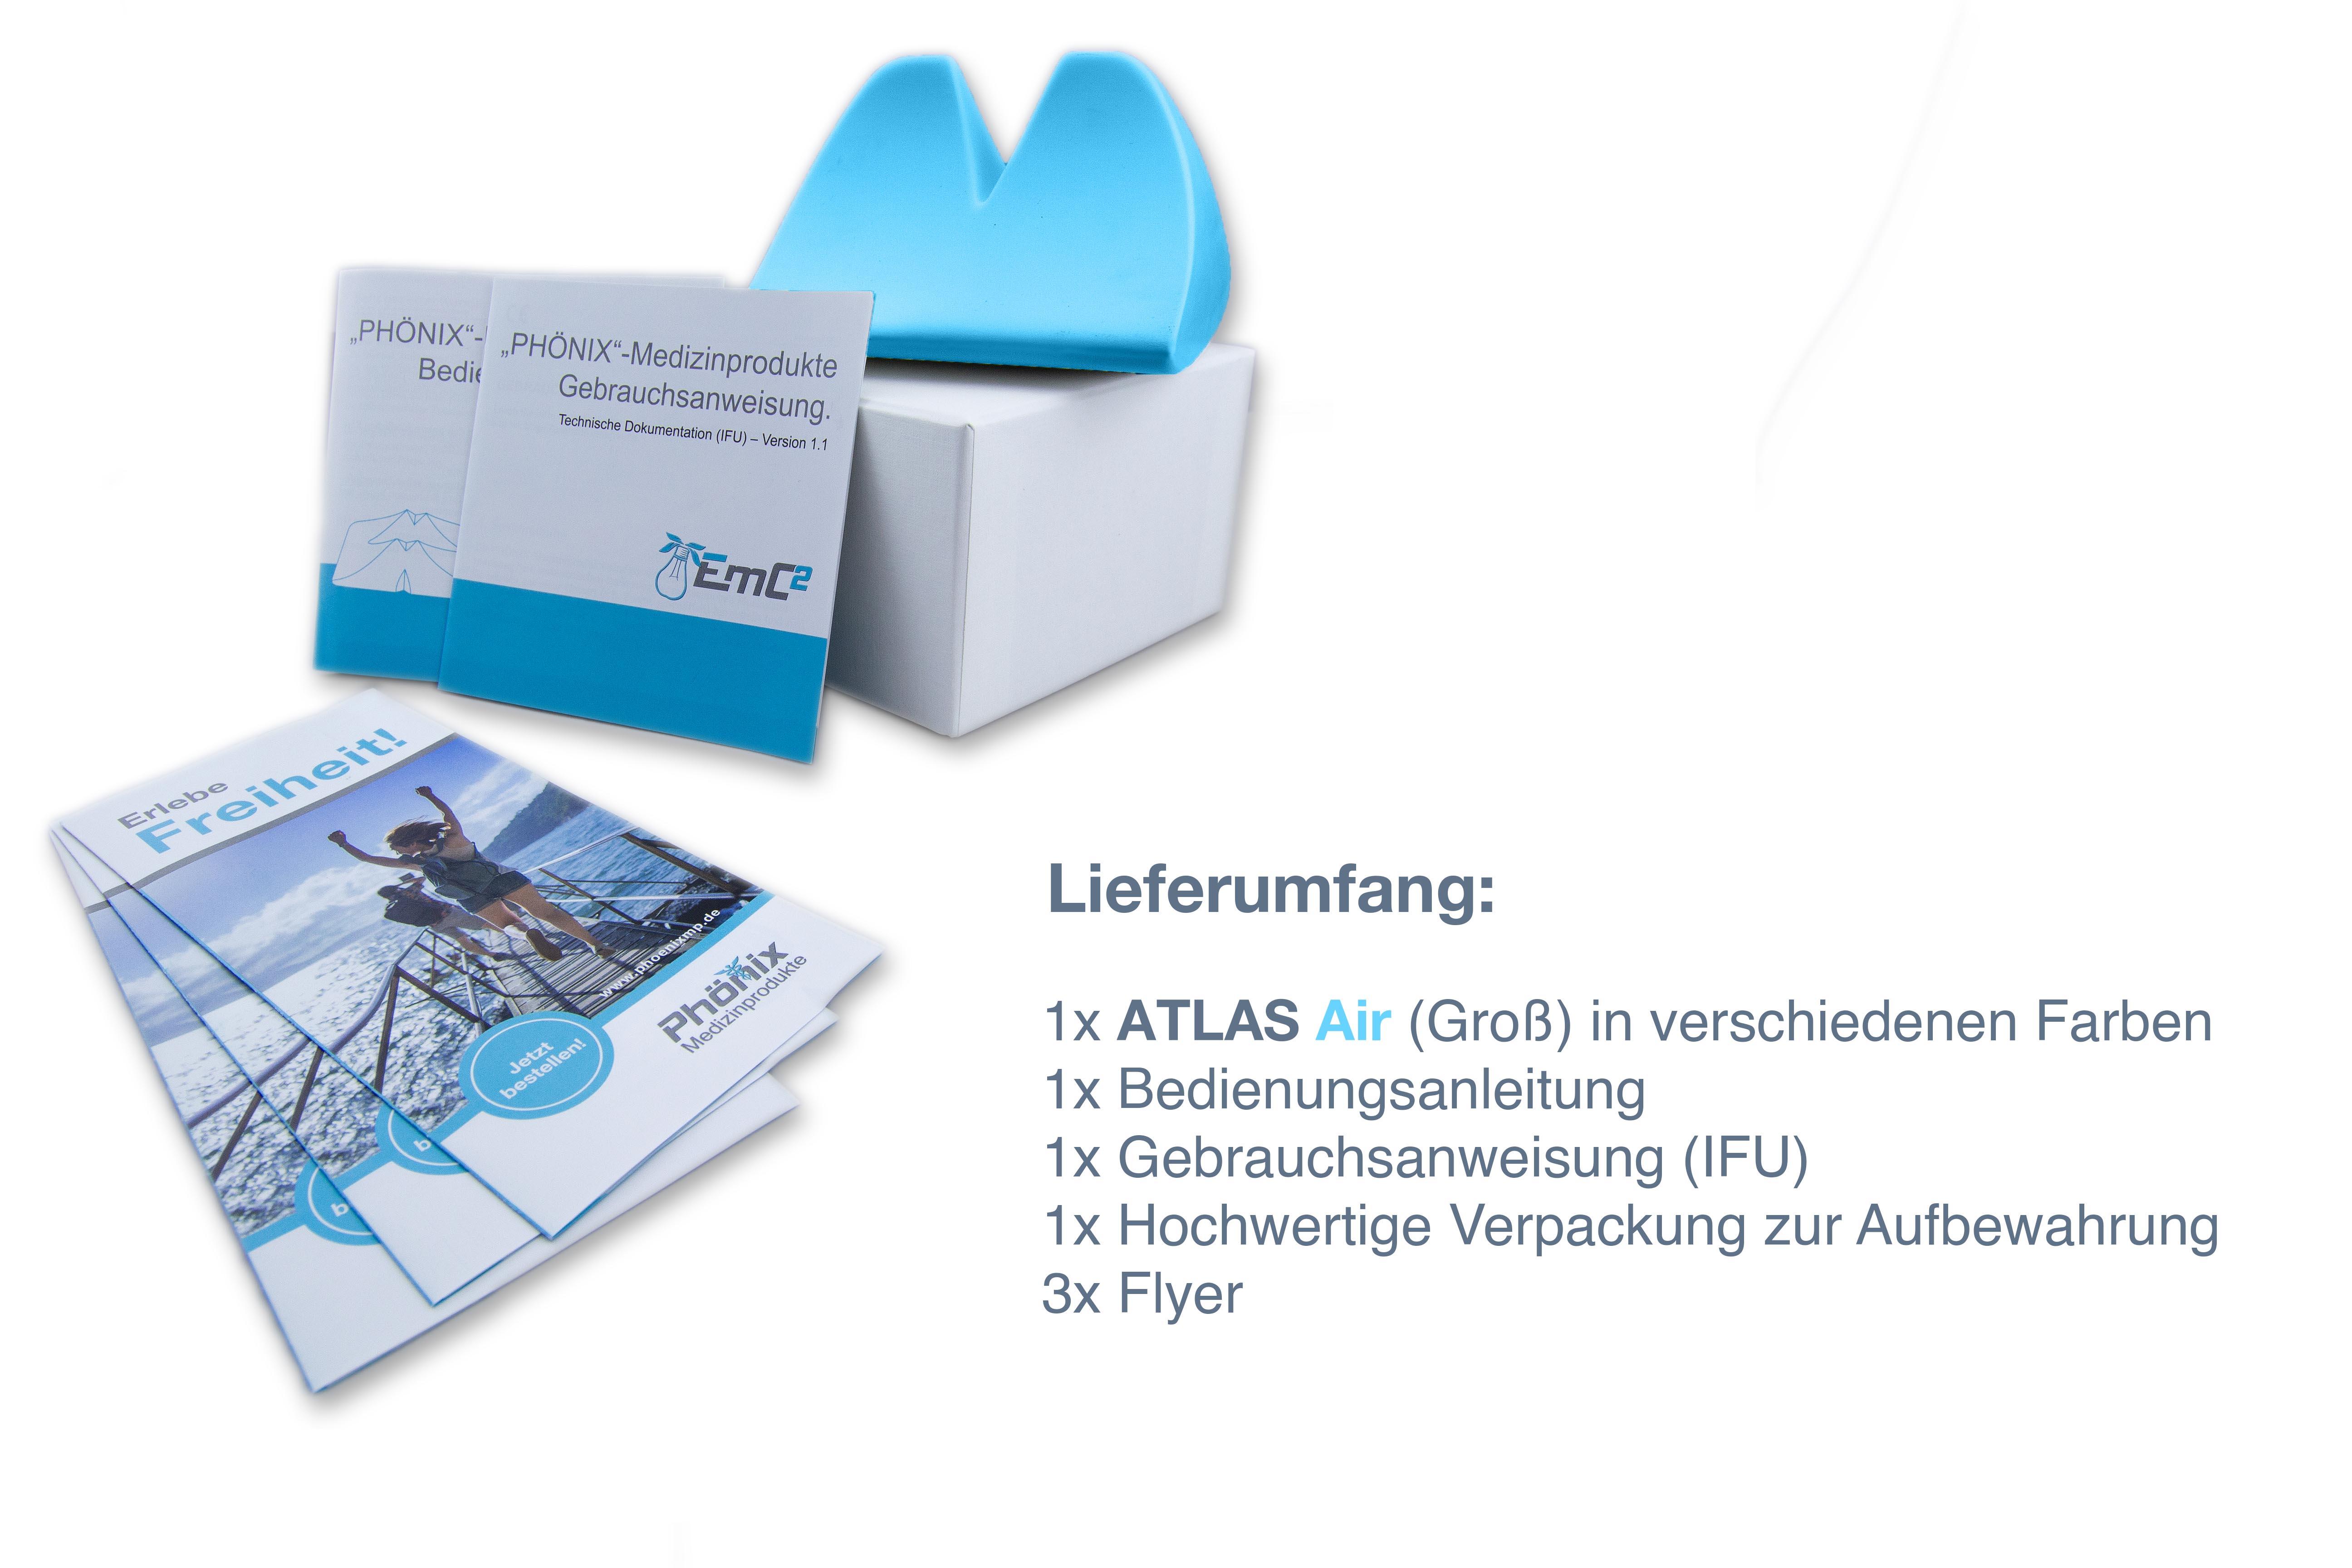 lieferumfang-atlas-air-neu